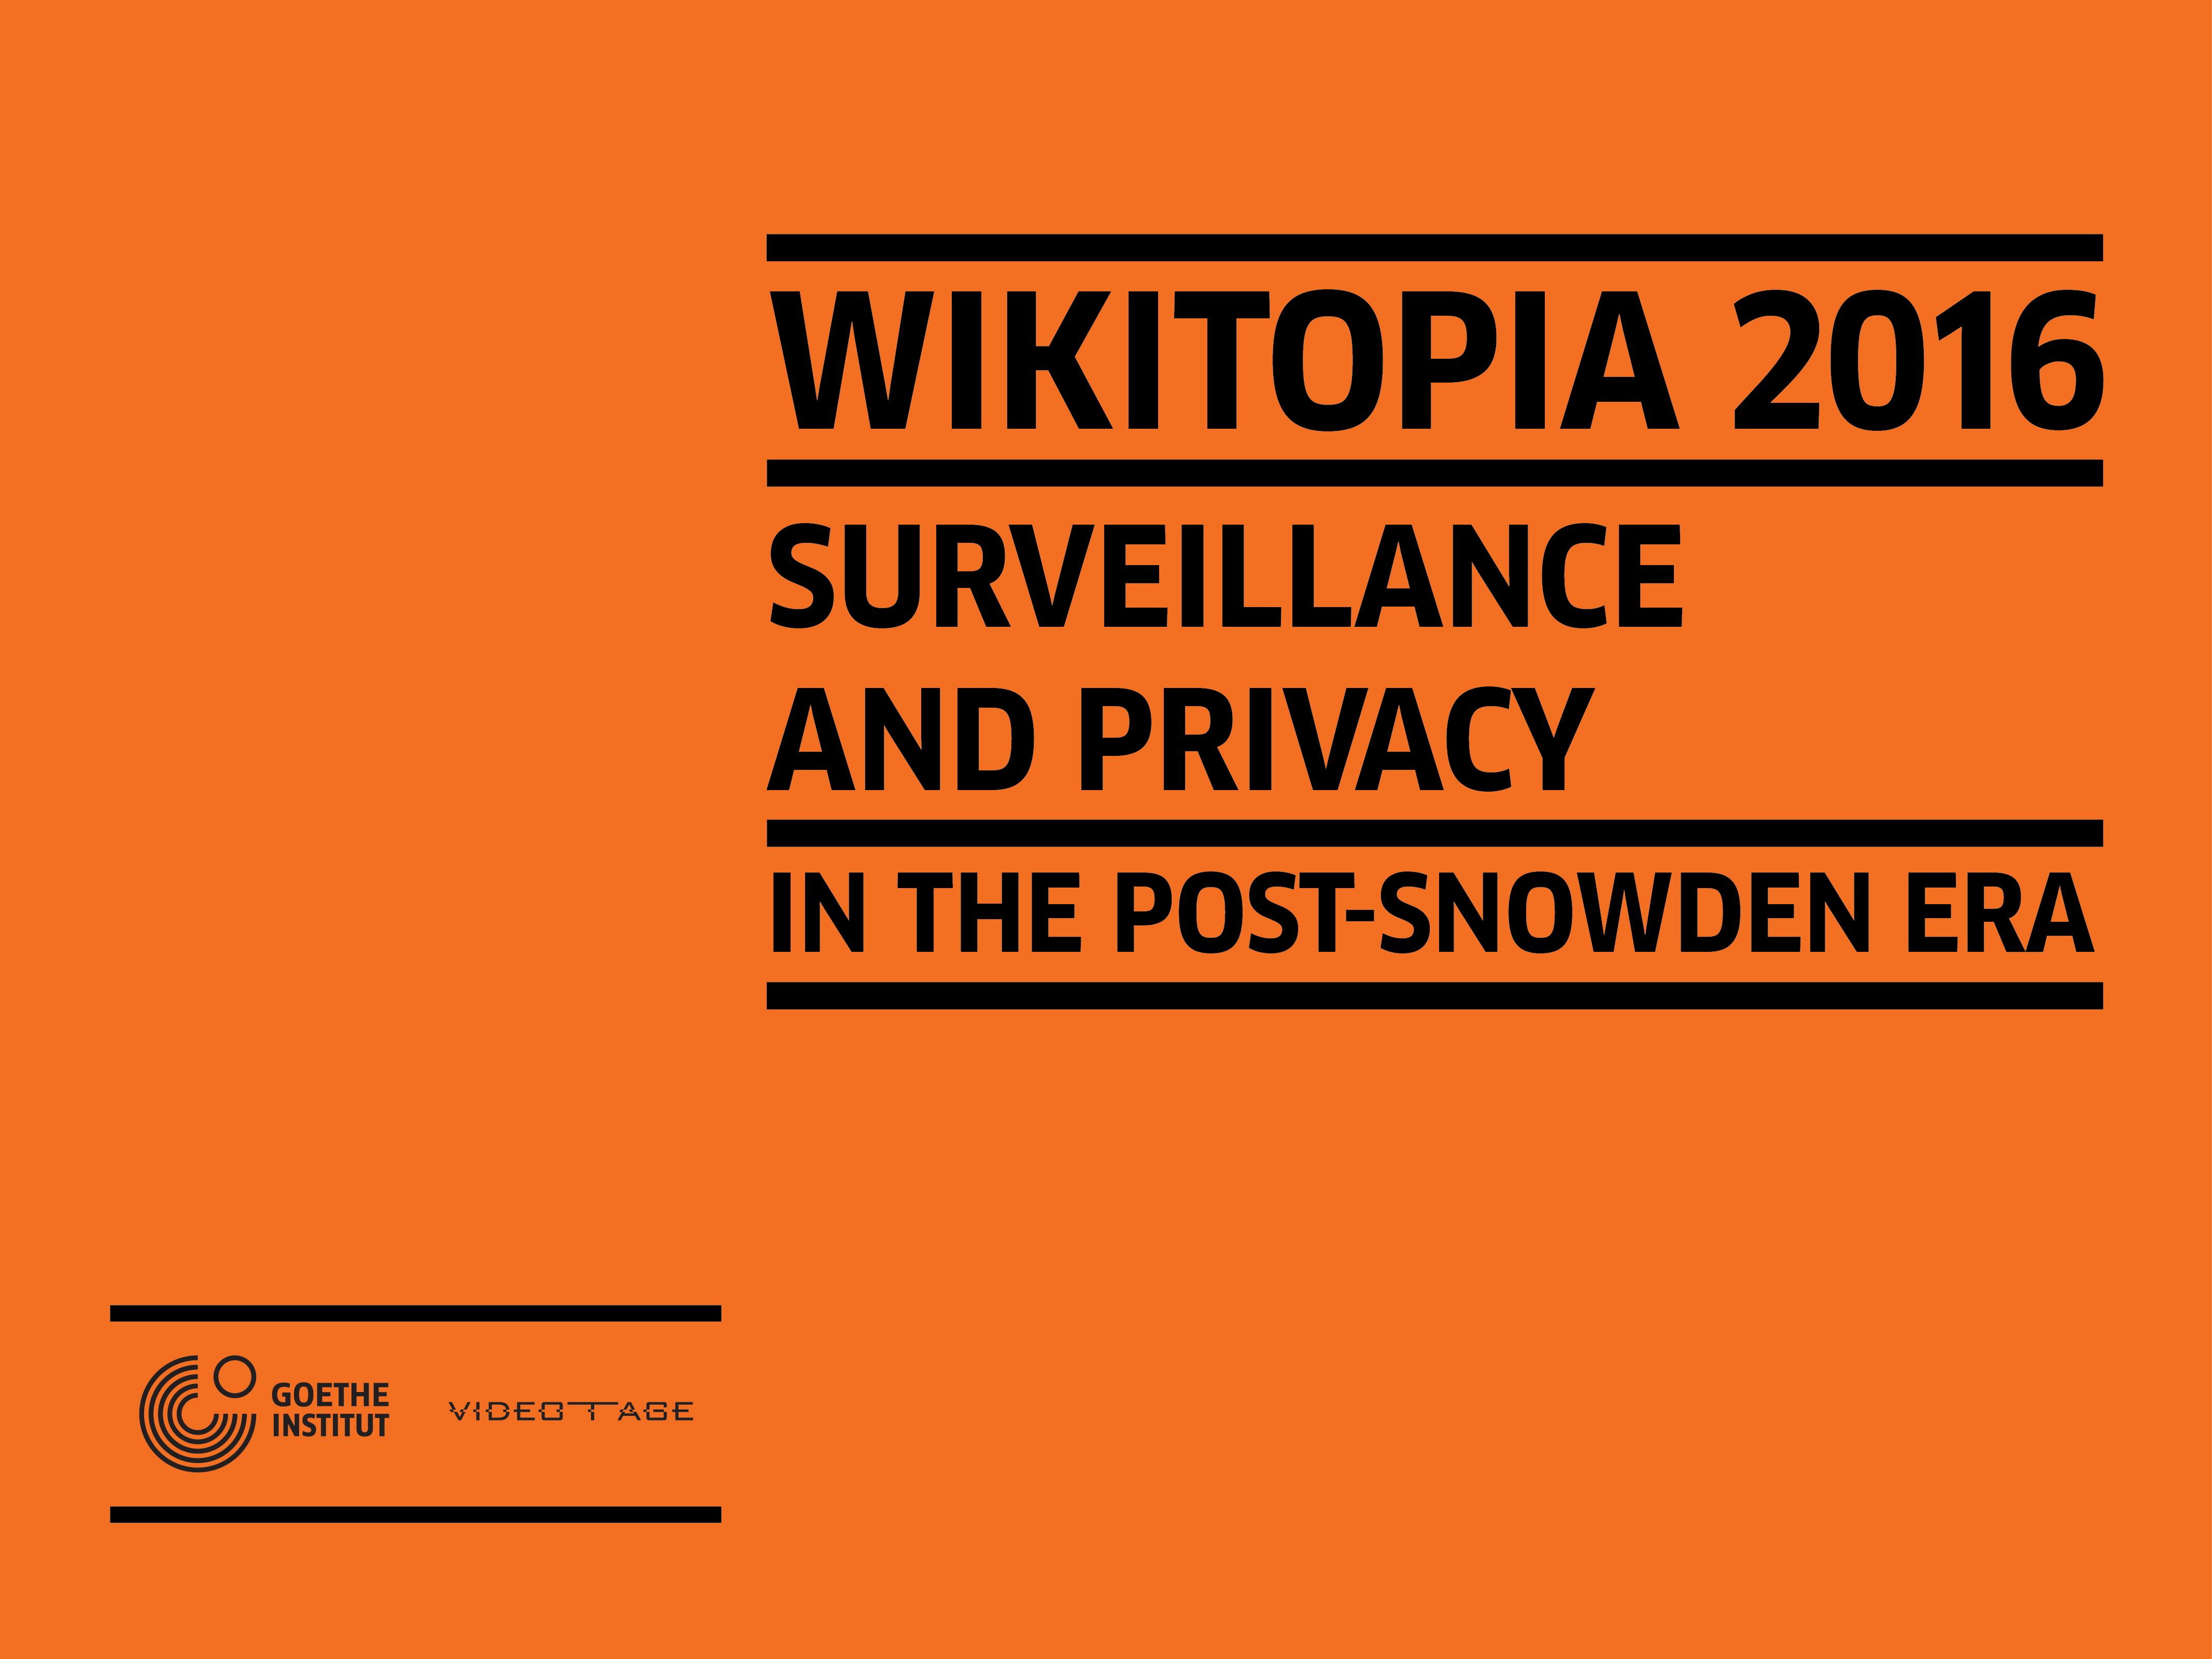 WIKITOPIA_Presentation Backdrop